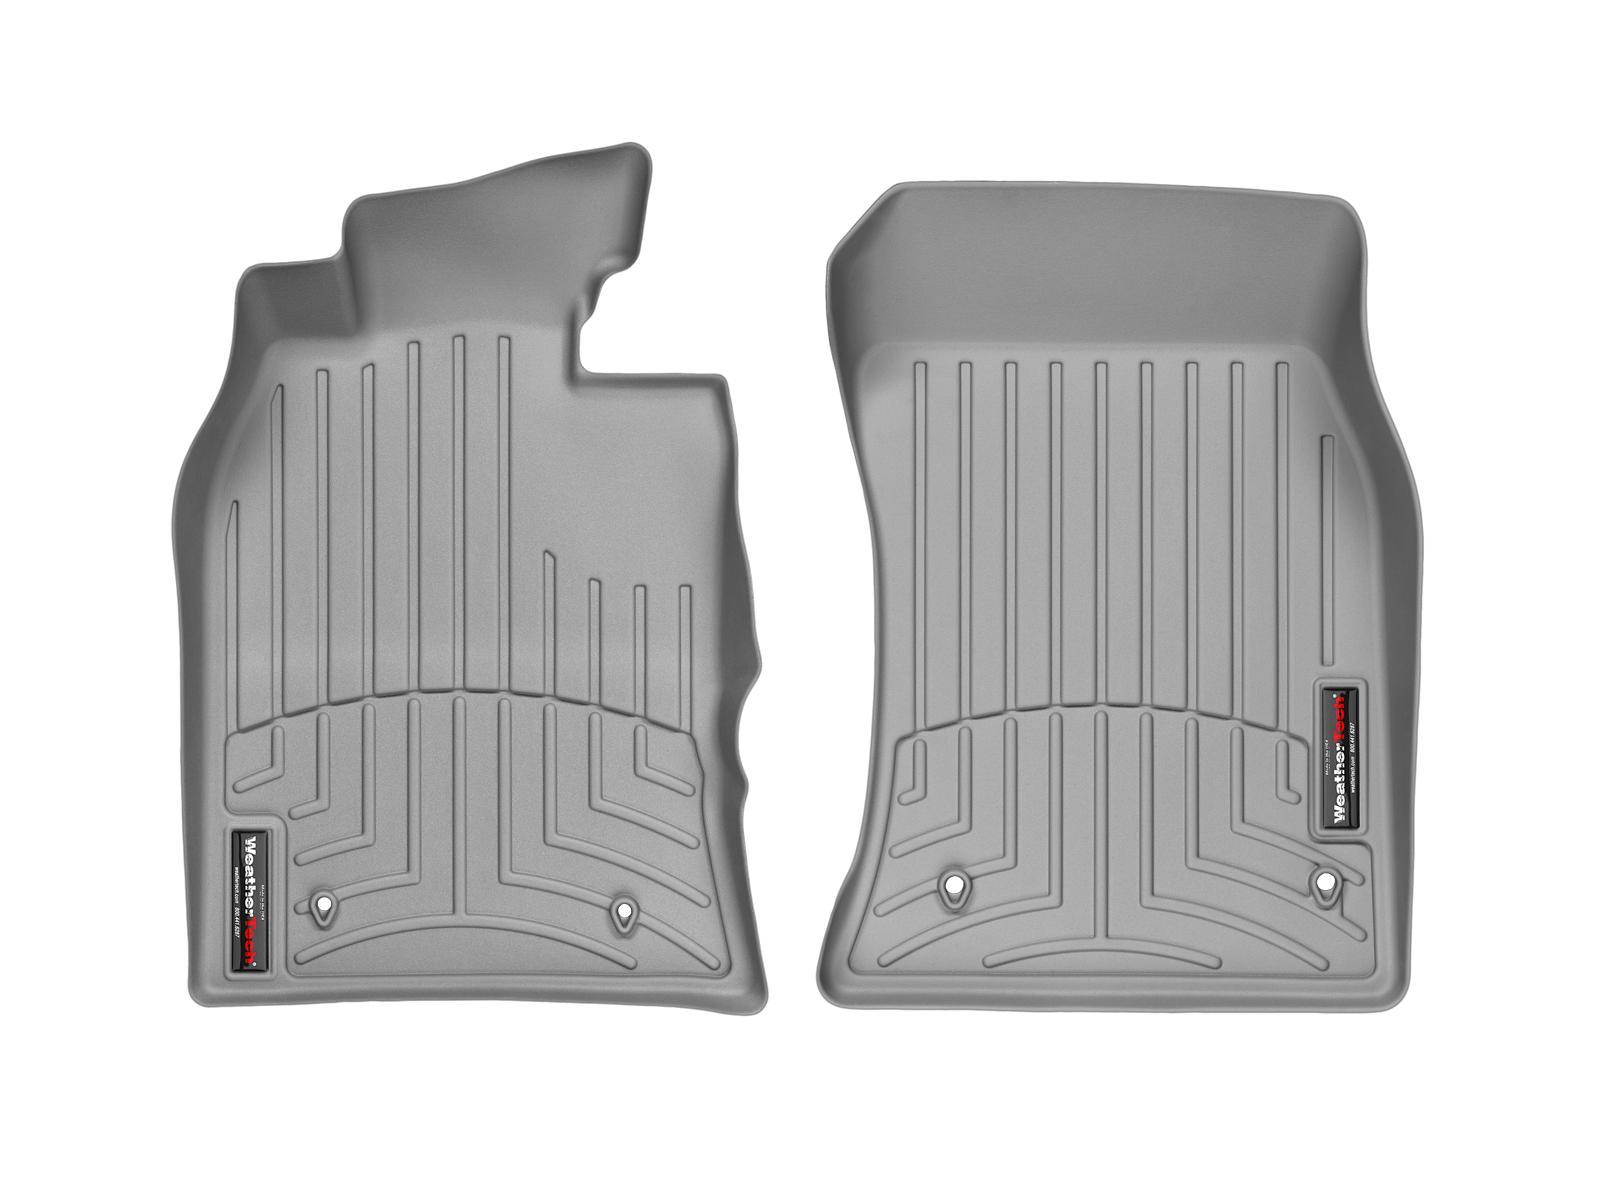 Tappeti gomma su misura bordo alto MINI Cooper / Cooper S 02>06 Grigio A2662*